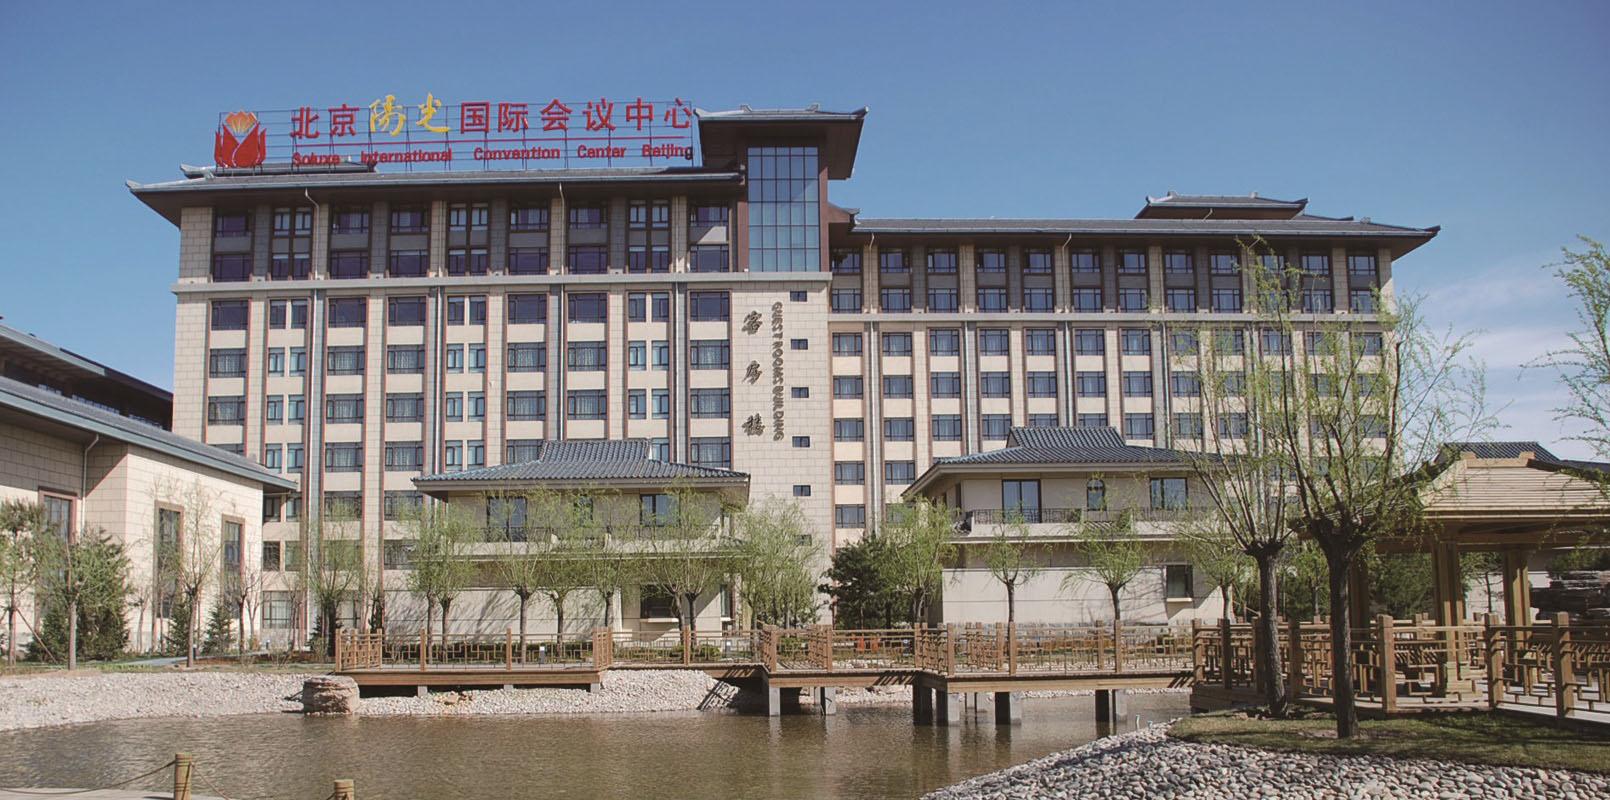 北京国际会议中心_北京会托网会议服务有限公司